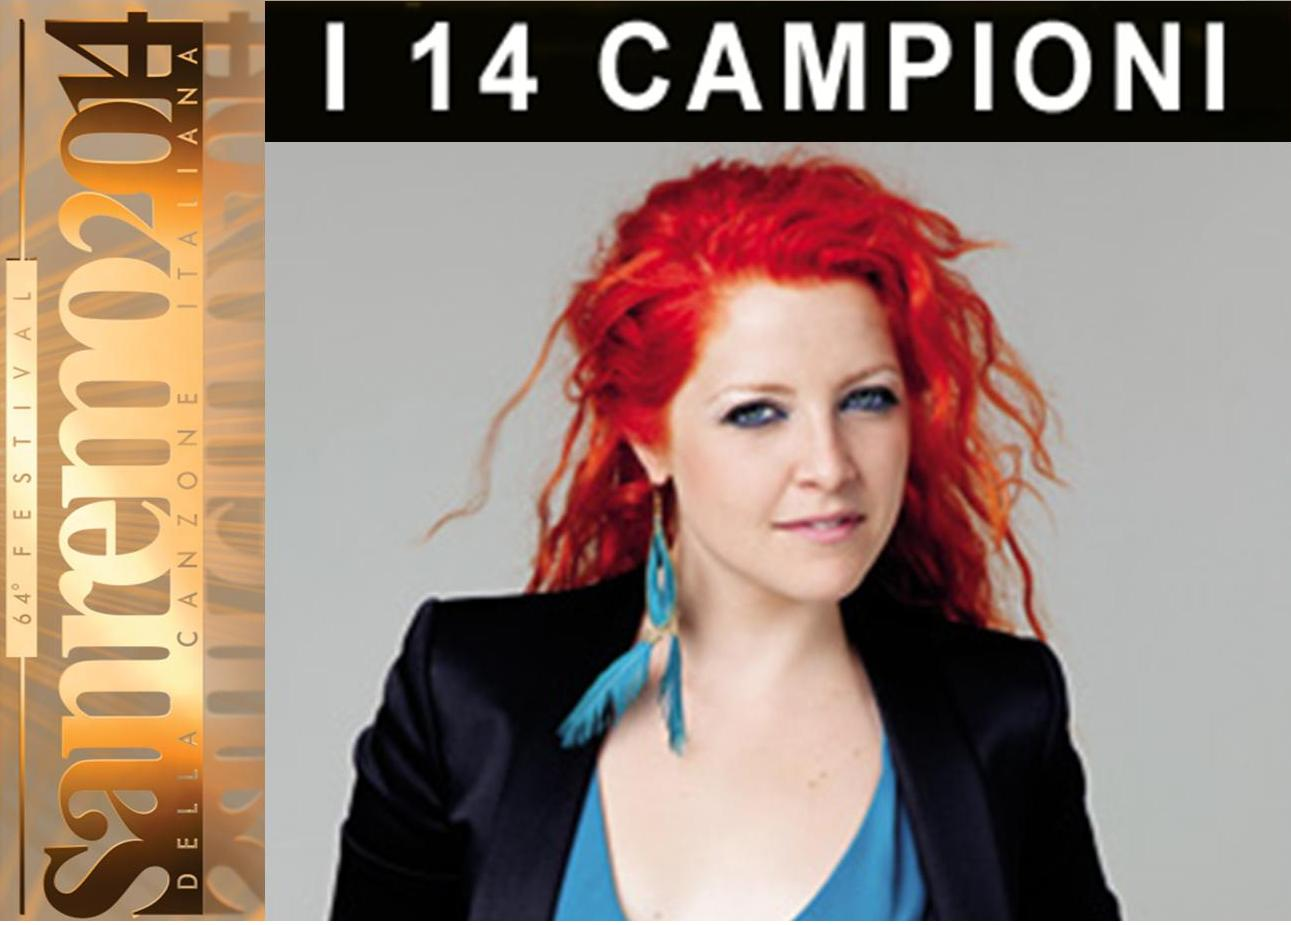 """Sanremo 2014 – Campioni: Noemi con """"Bagnati dal sole"""" ed """"Un uomo ..."""